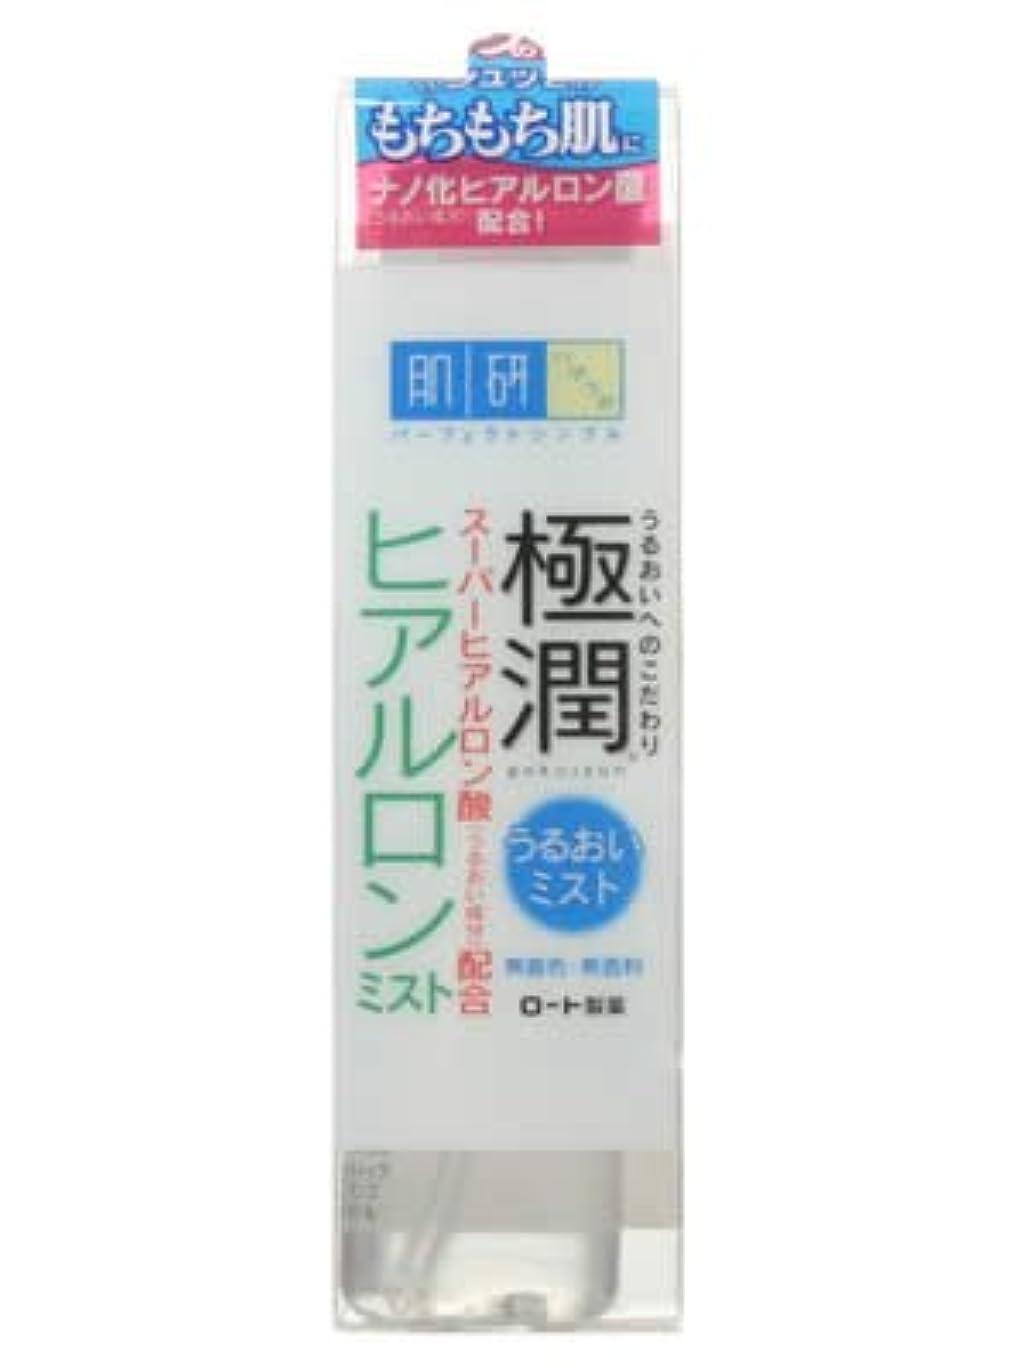 発疹異なる相続人肌研 極潤ヒアルロンミスト 45ml